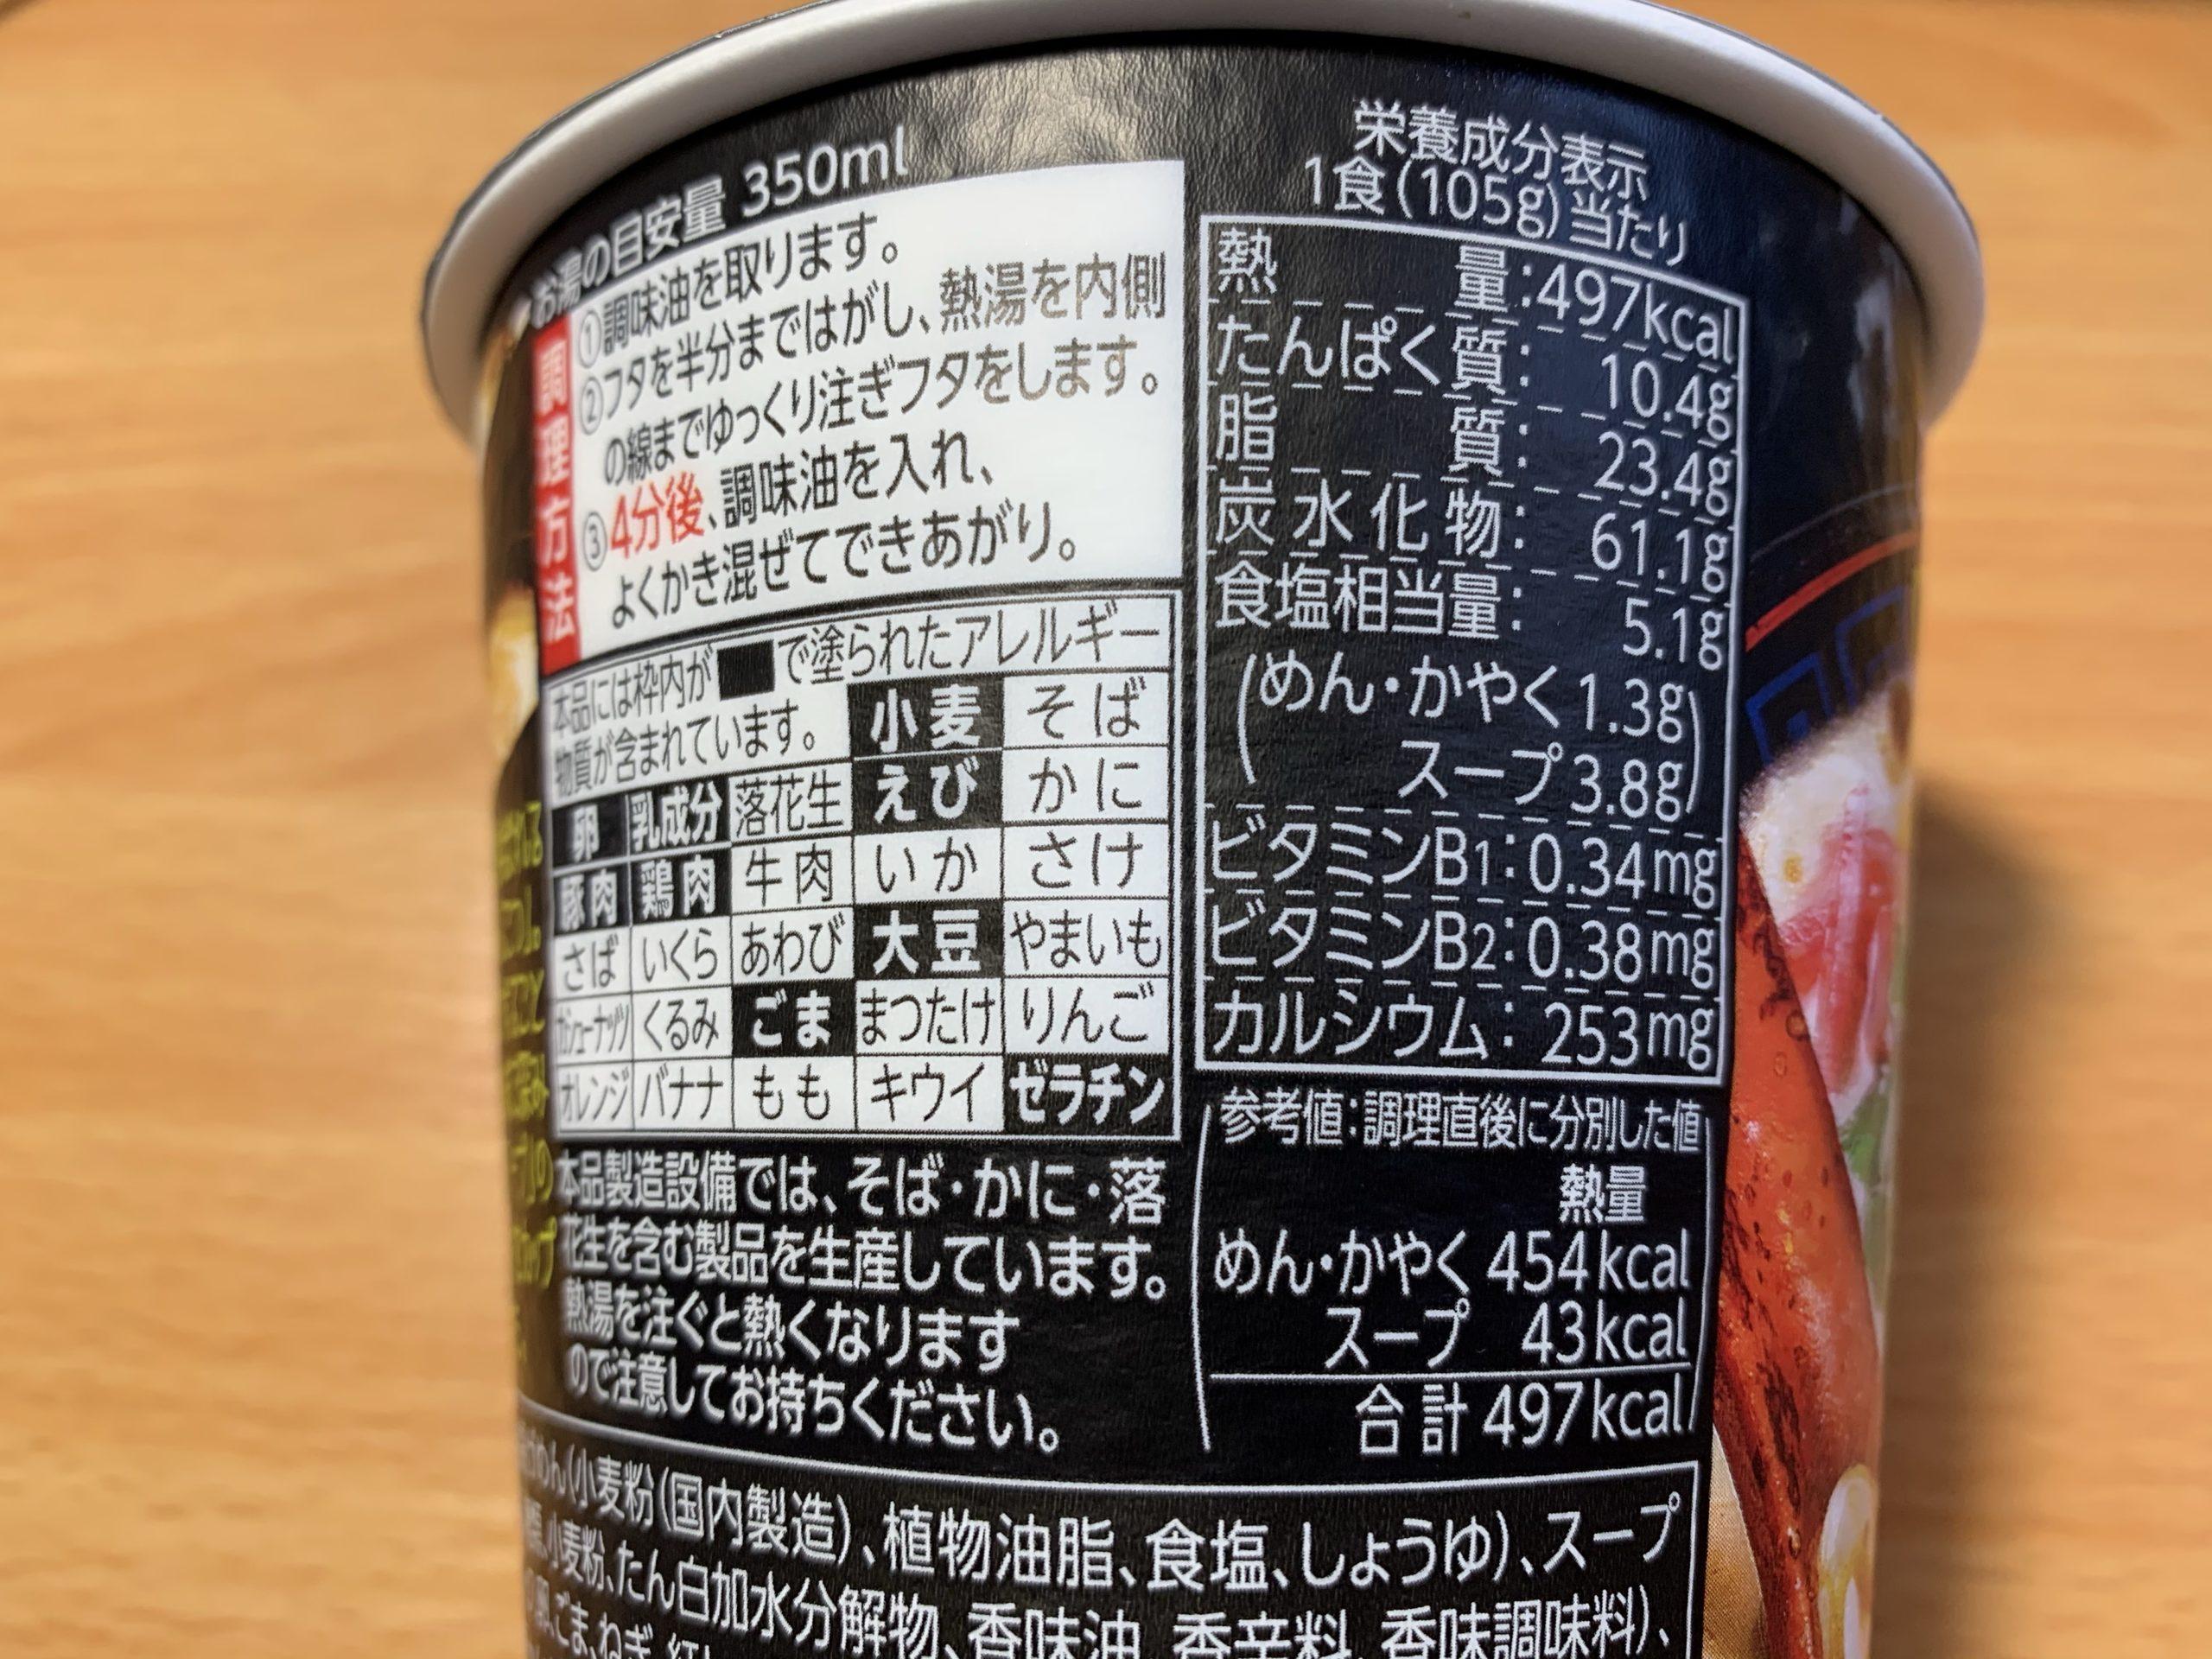 久留米大砲ラーメン黒とんこつの栄養成分